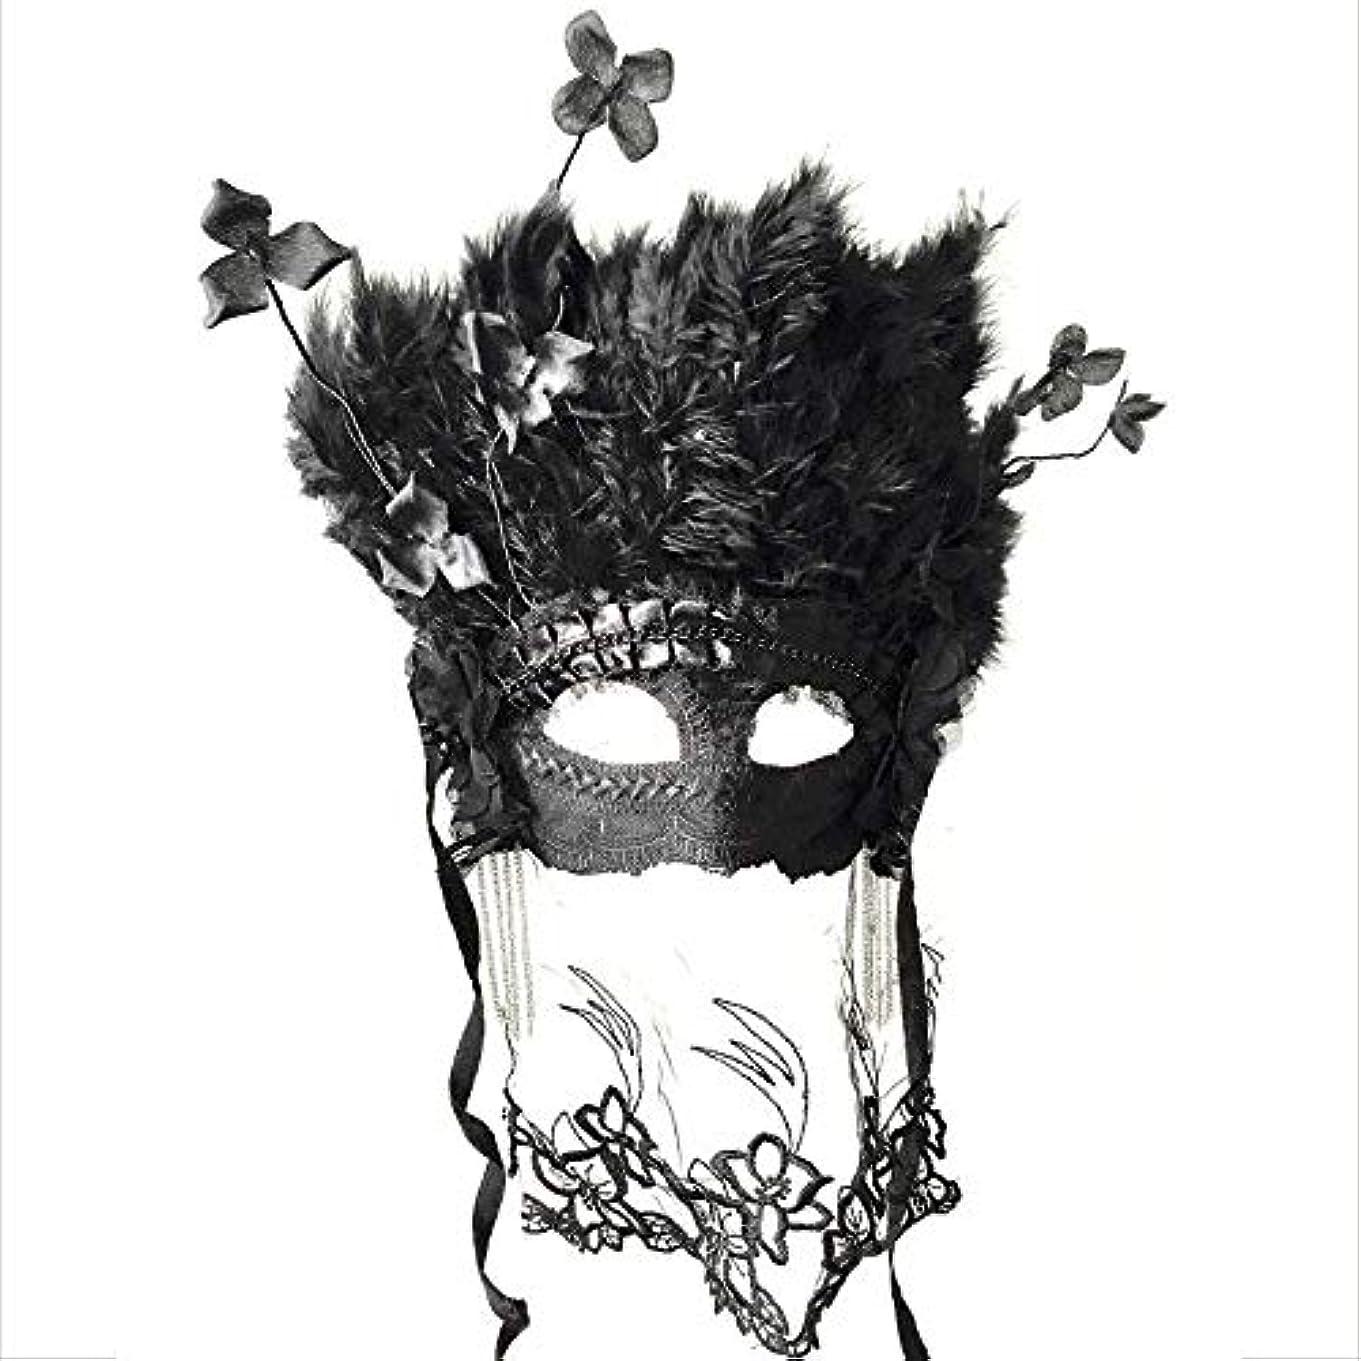 ノート前方へ不安定なNanle ハロウィンクリスマスベールドライフラワーフェザータッセルマスク仮装マスクレディミスプリンセス美容祭パーティーデコレーションマスク